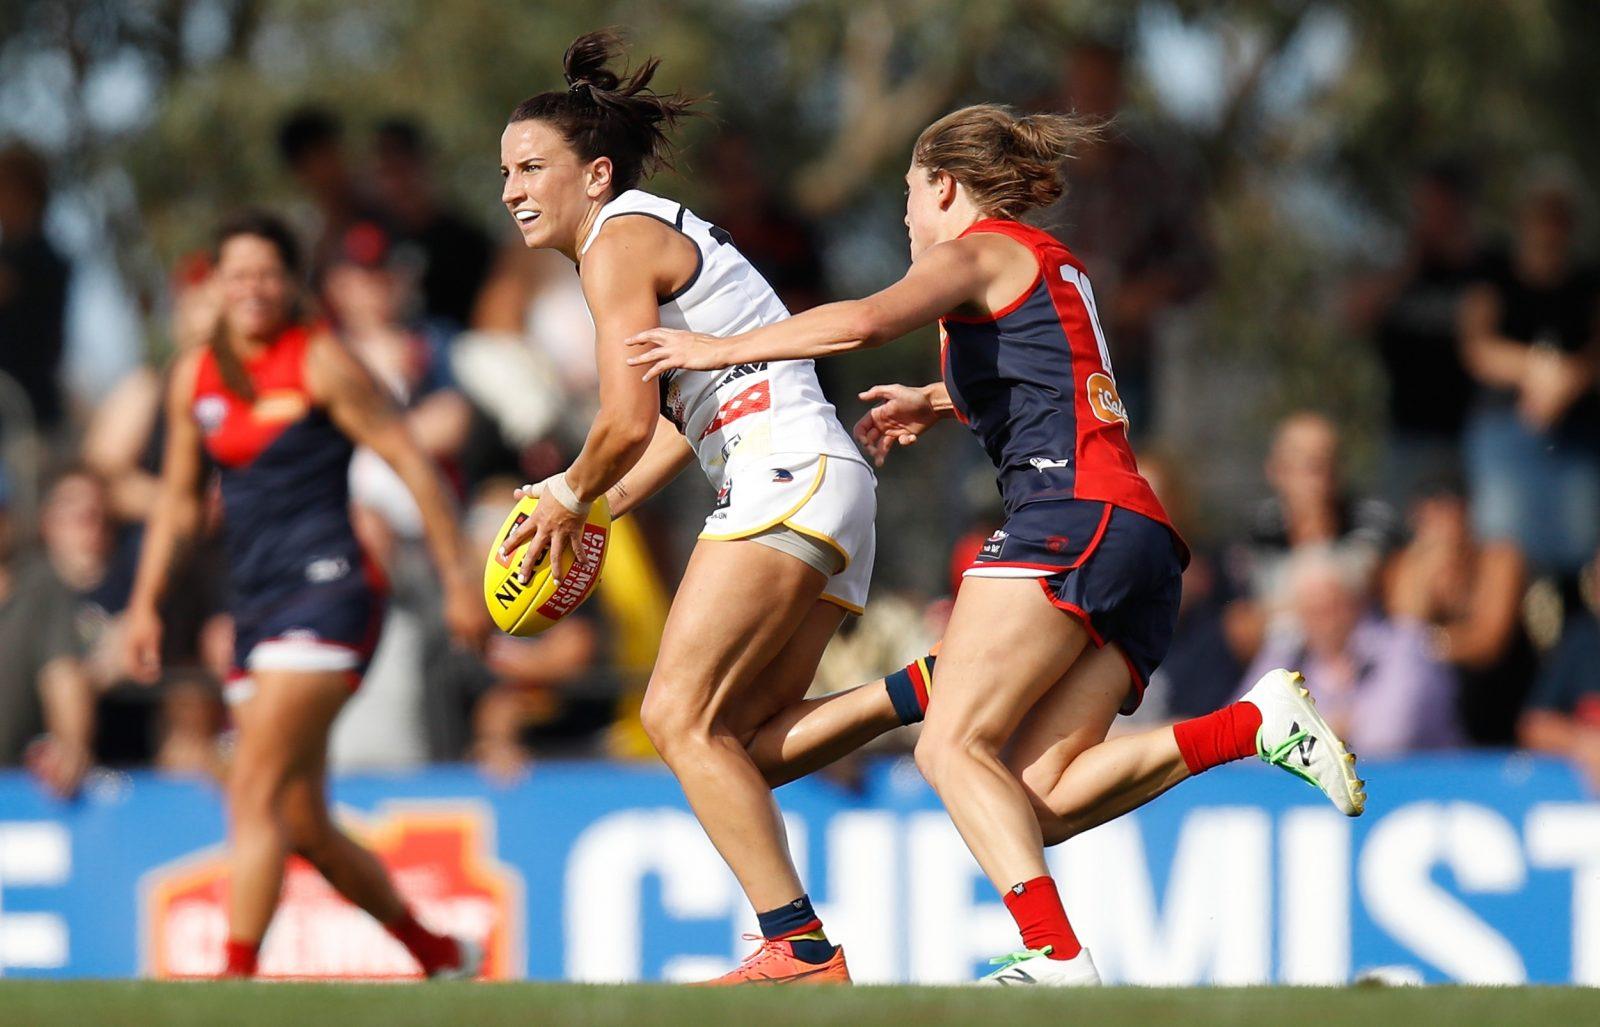 AFLW 3.0 Round Seven: Melbourne v Adelaide Crows